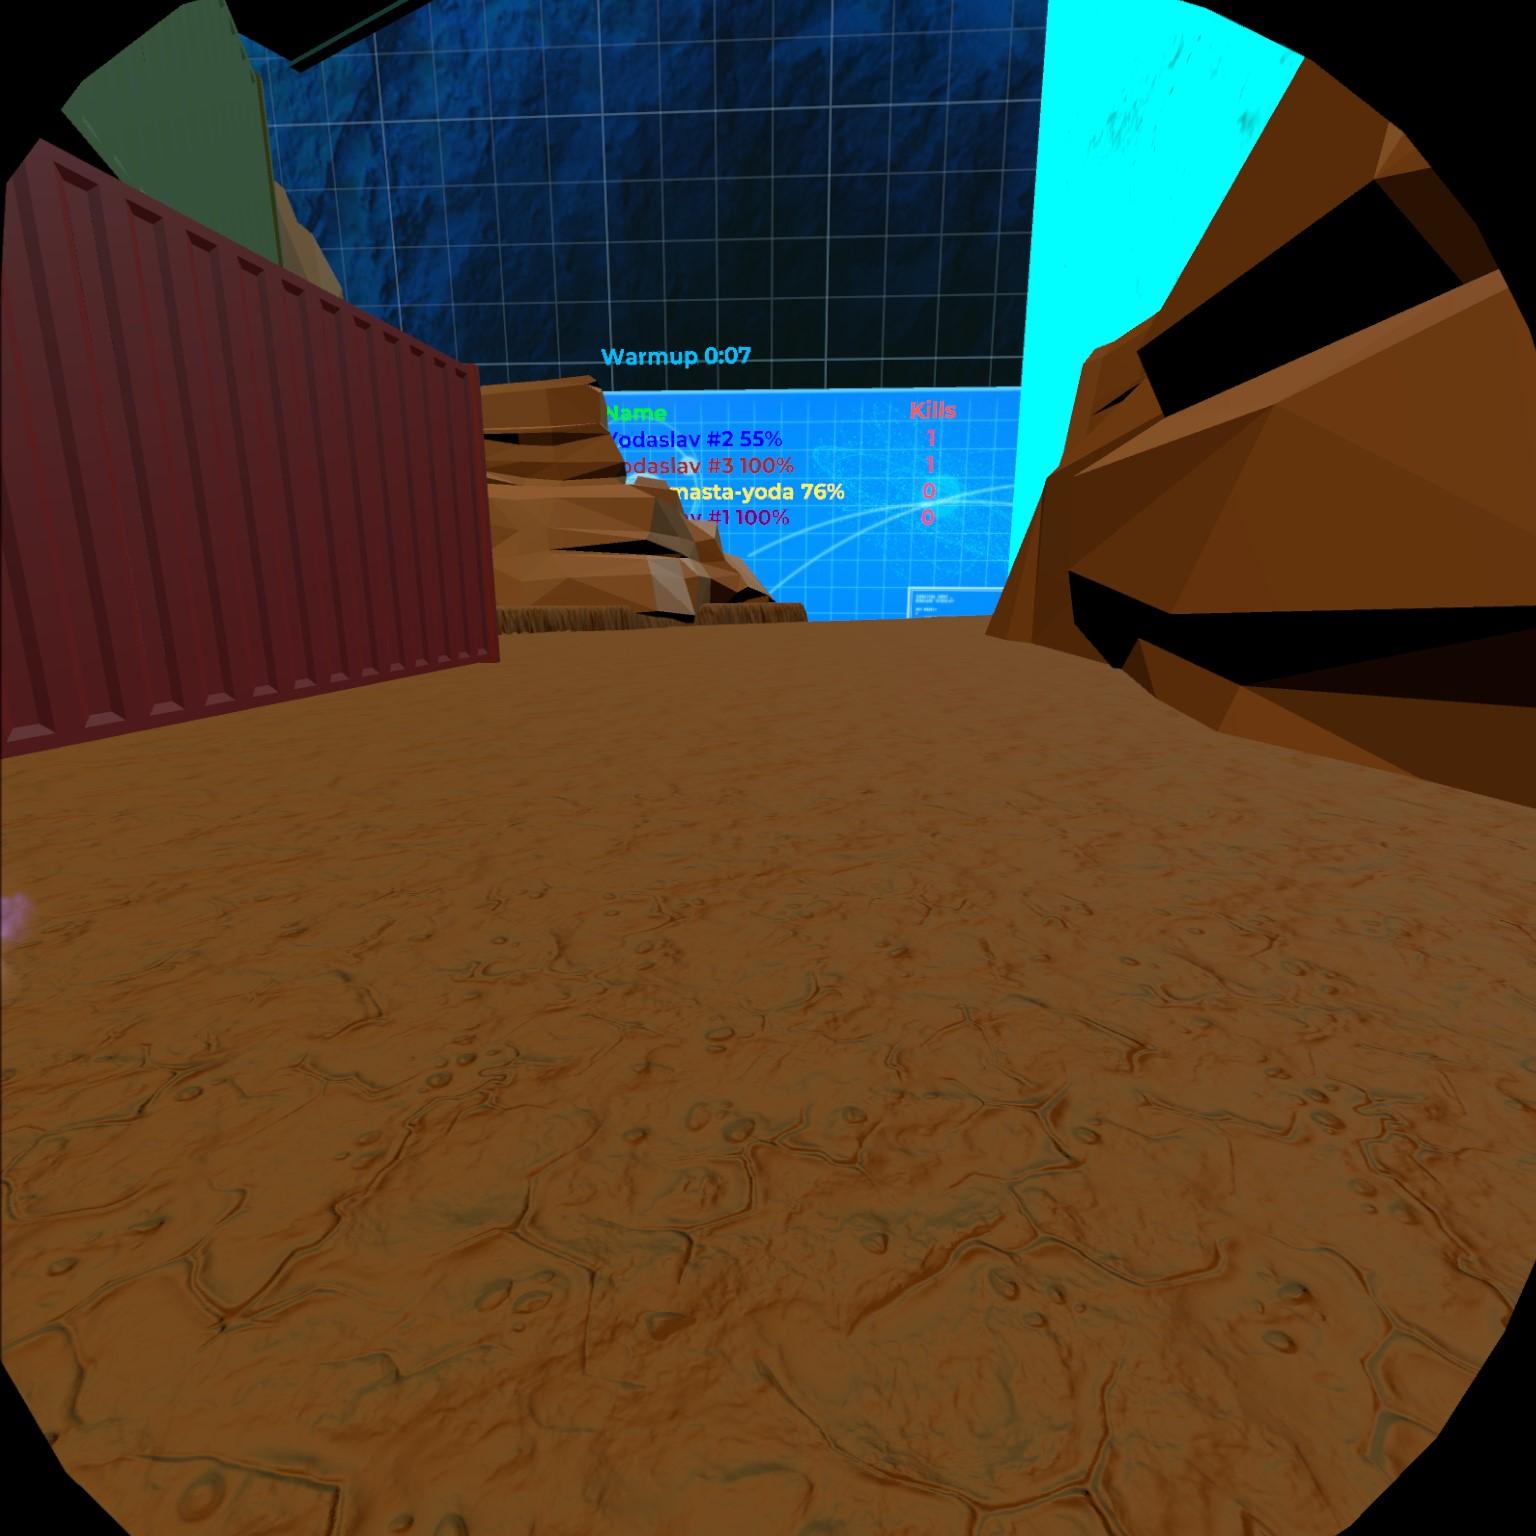 OculusScreenshot1602544691.jpeg